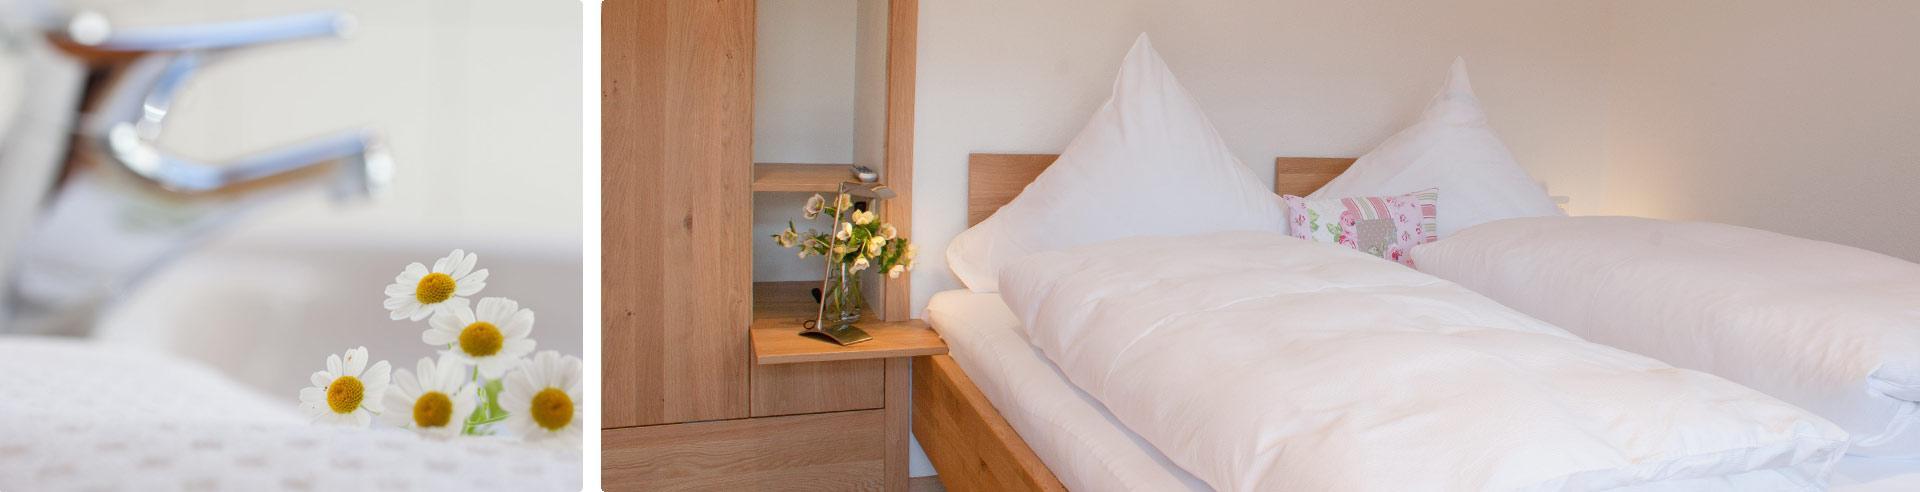 Roseneck: Zimmer und Appartements mit Frühstück